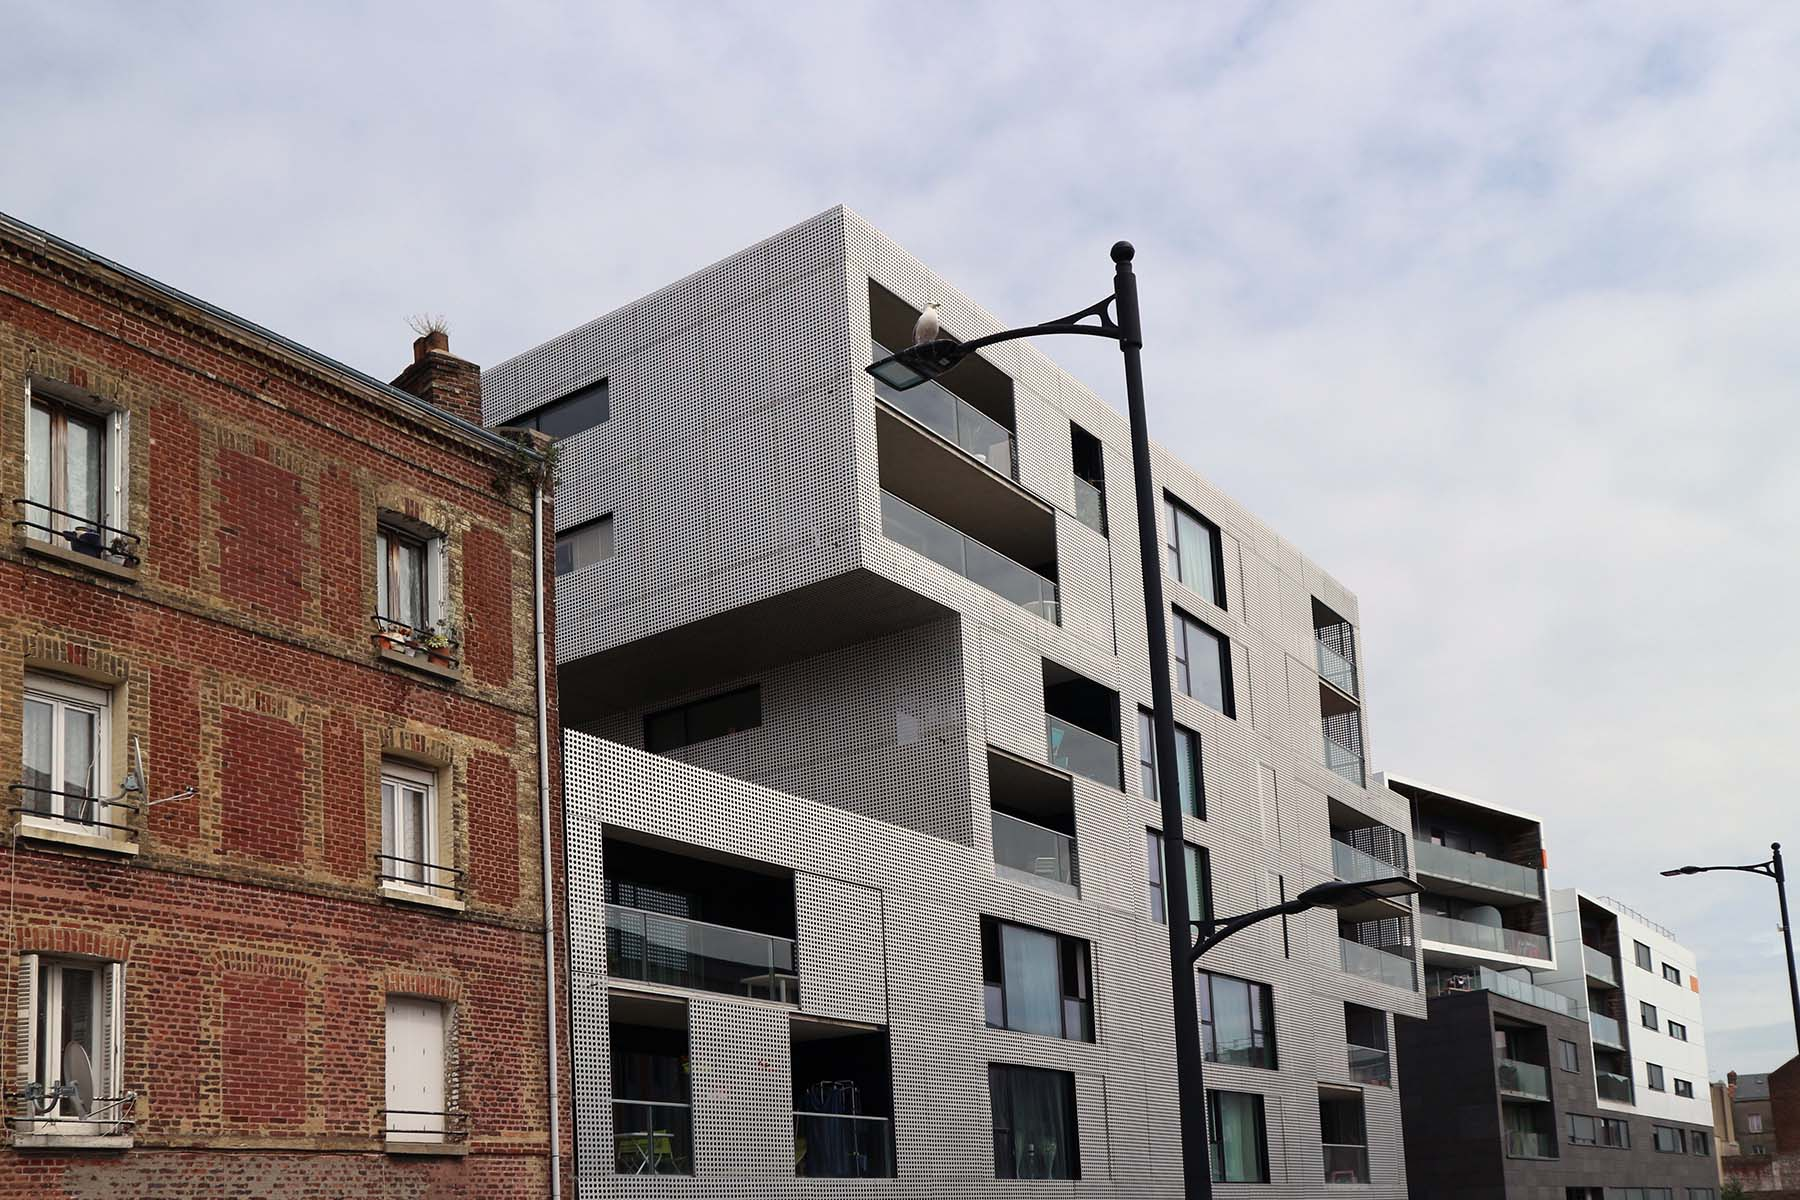 Parcours Les Bassins. Historische und zeitgenössische Bauten in den Docks von Le Havre.